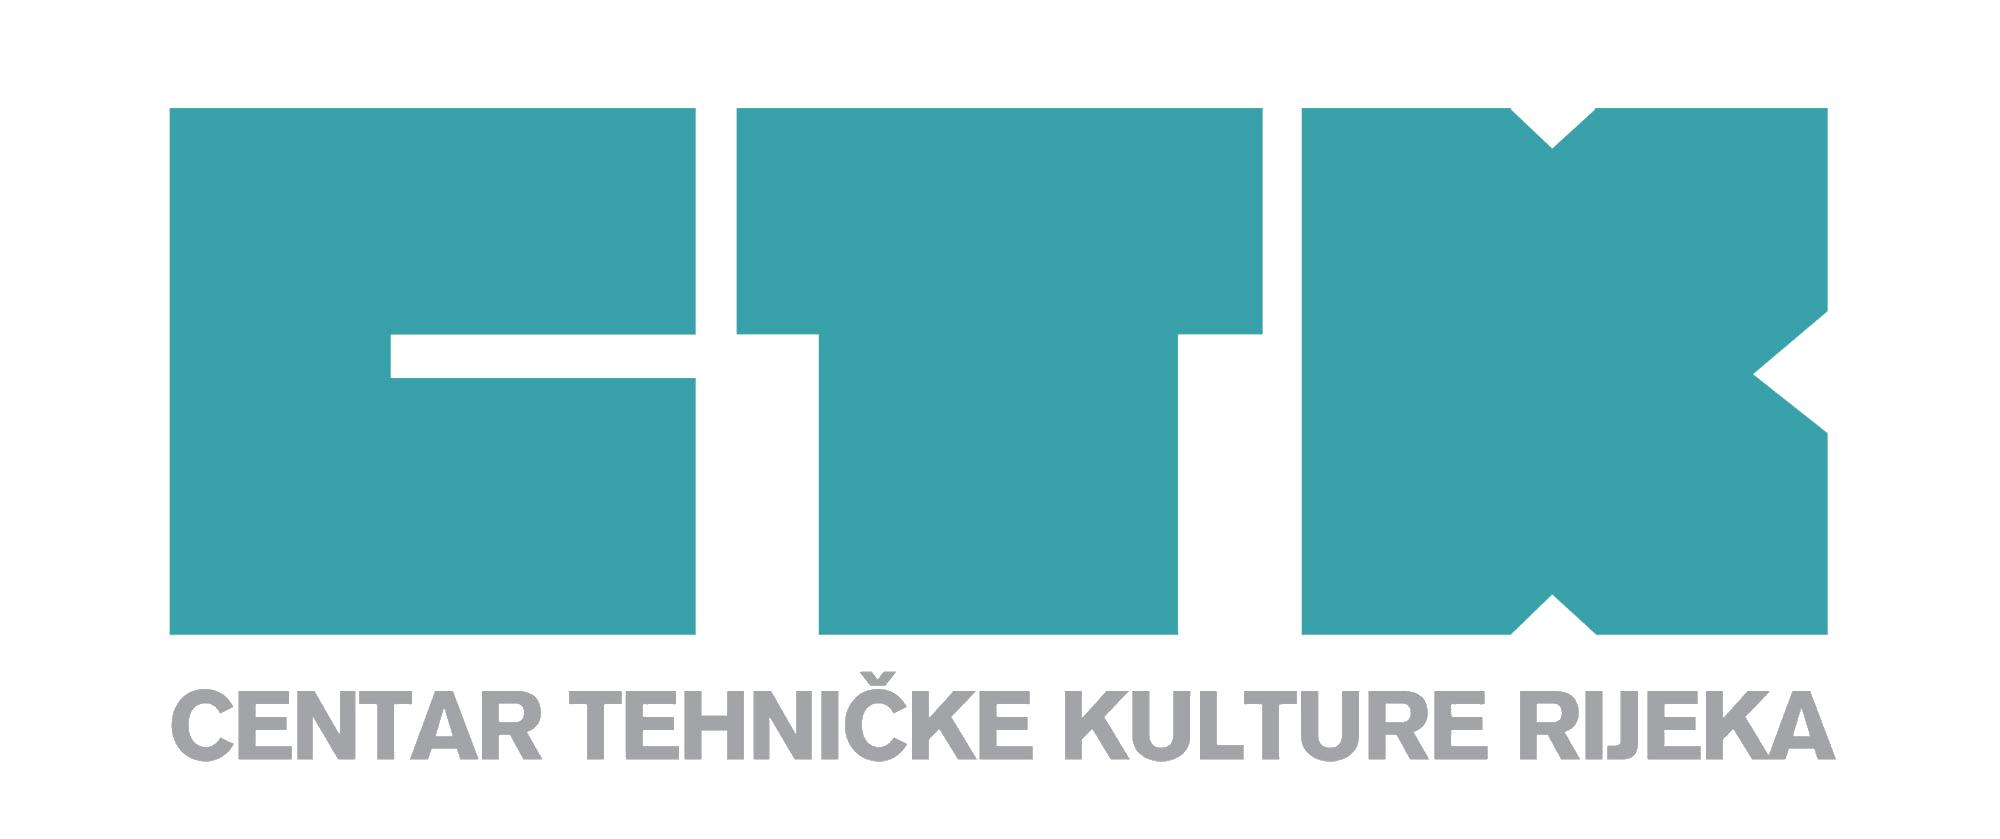 Centar tehničke kulture Rijeka logo